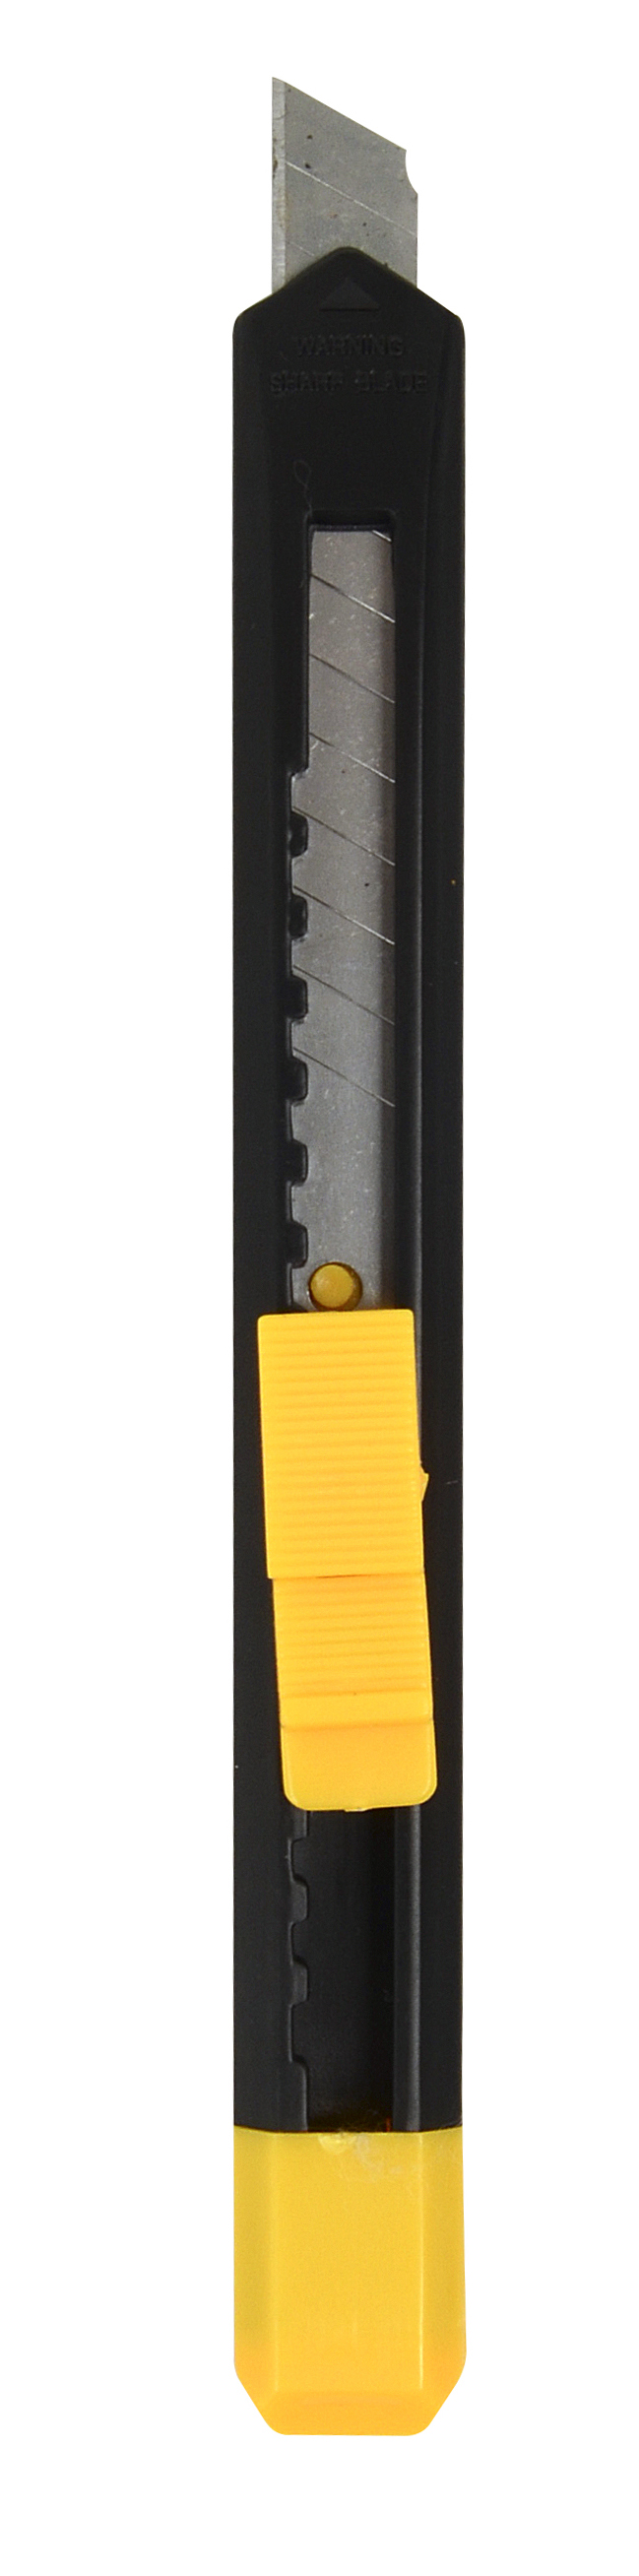 Image of   Hobbykniv 9 mm. med lås